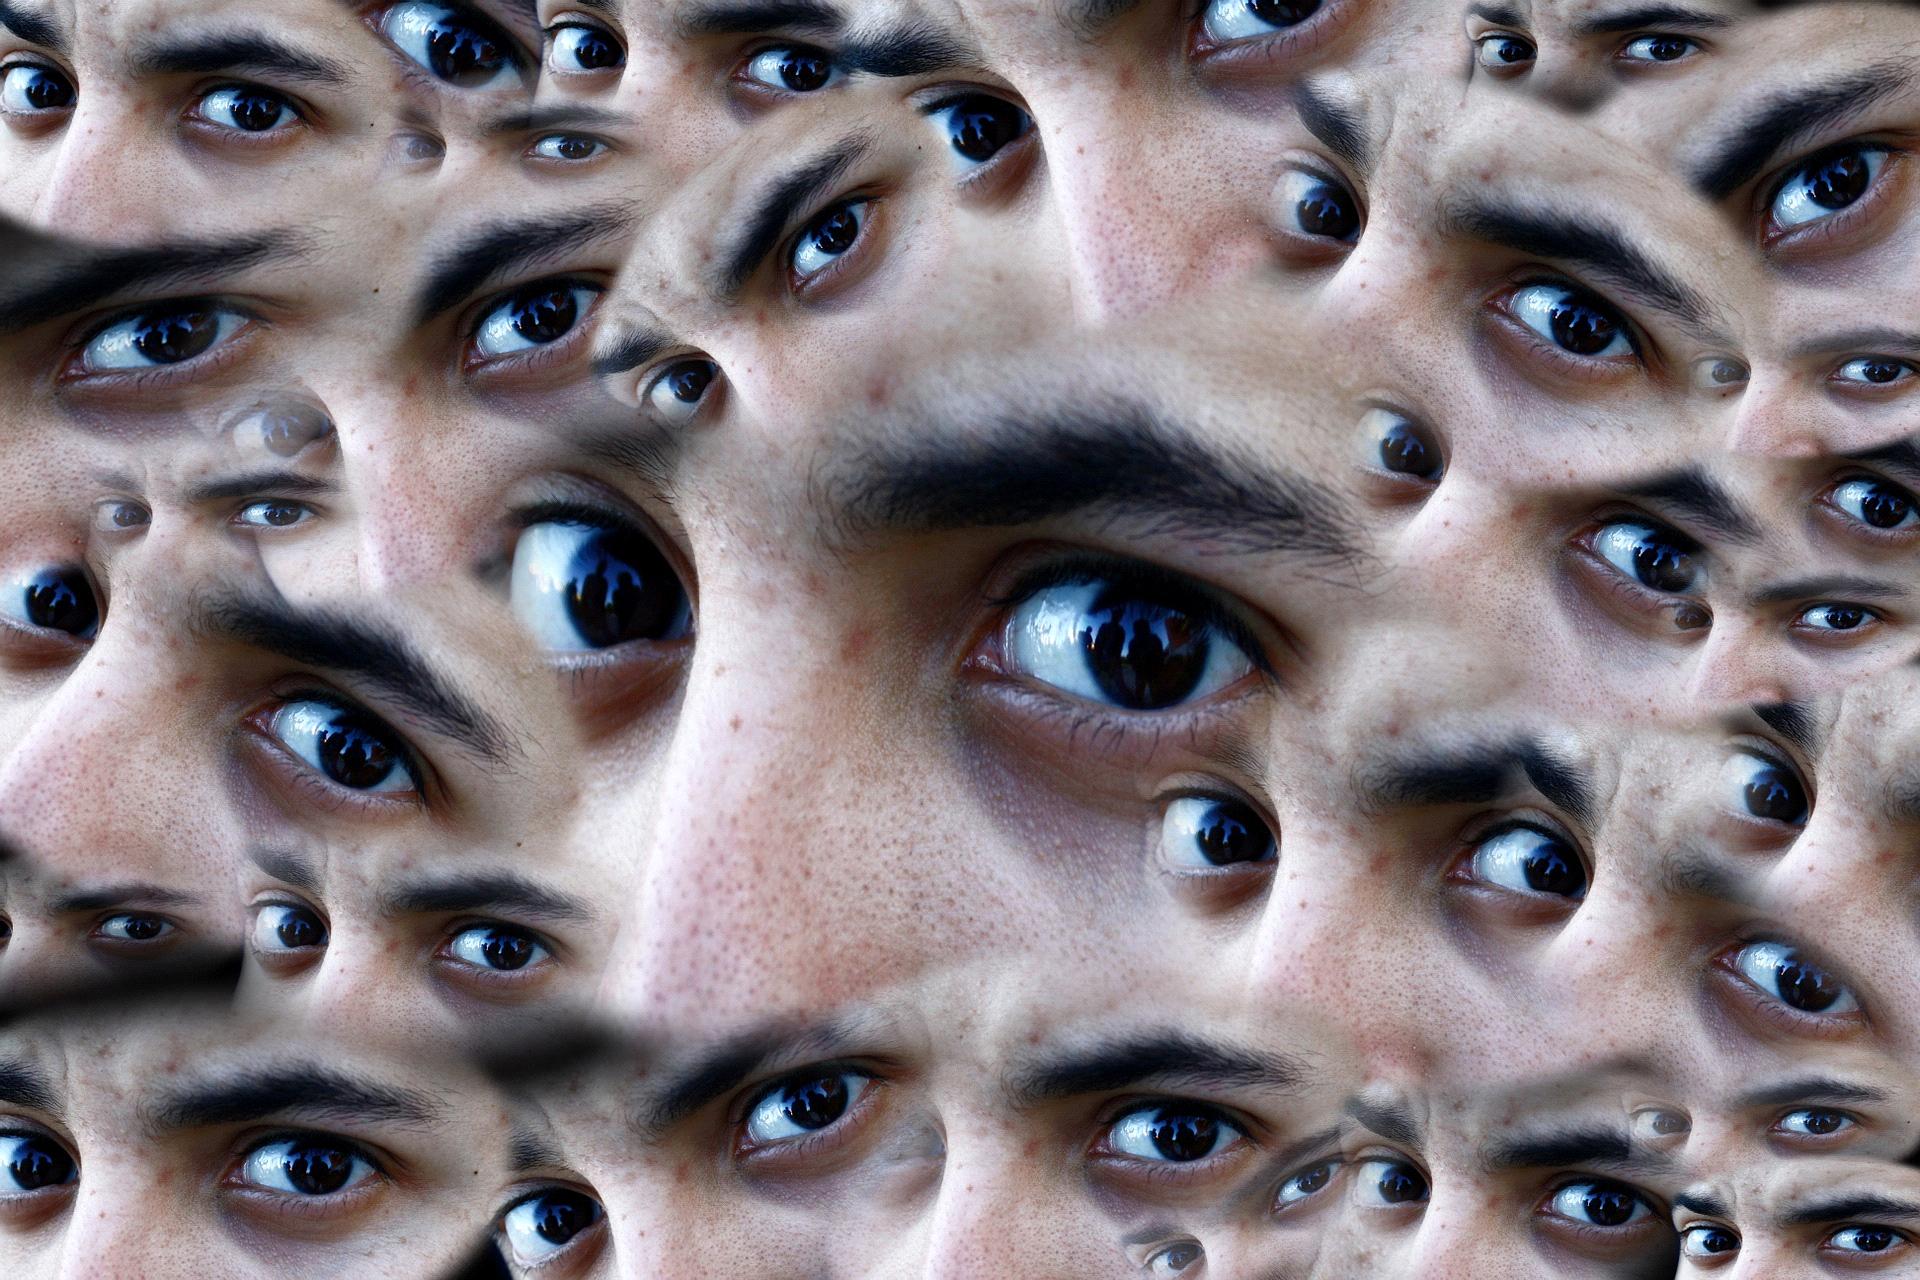 Il disturbo d'ansia sociale - la paura di non essere all'altezza.